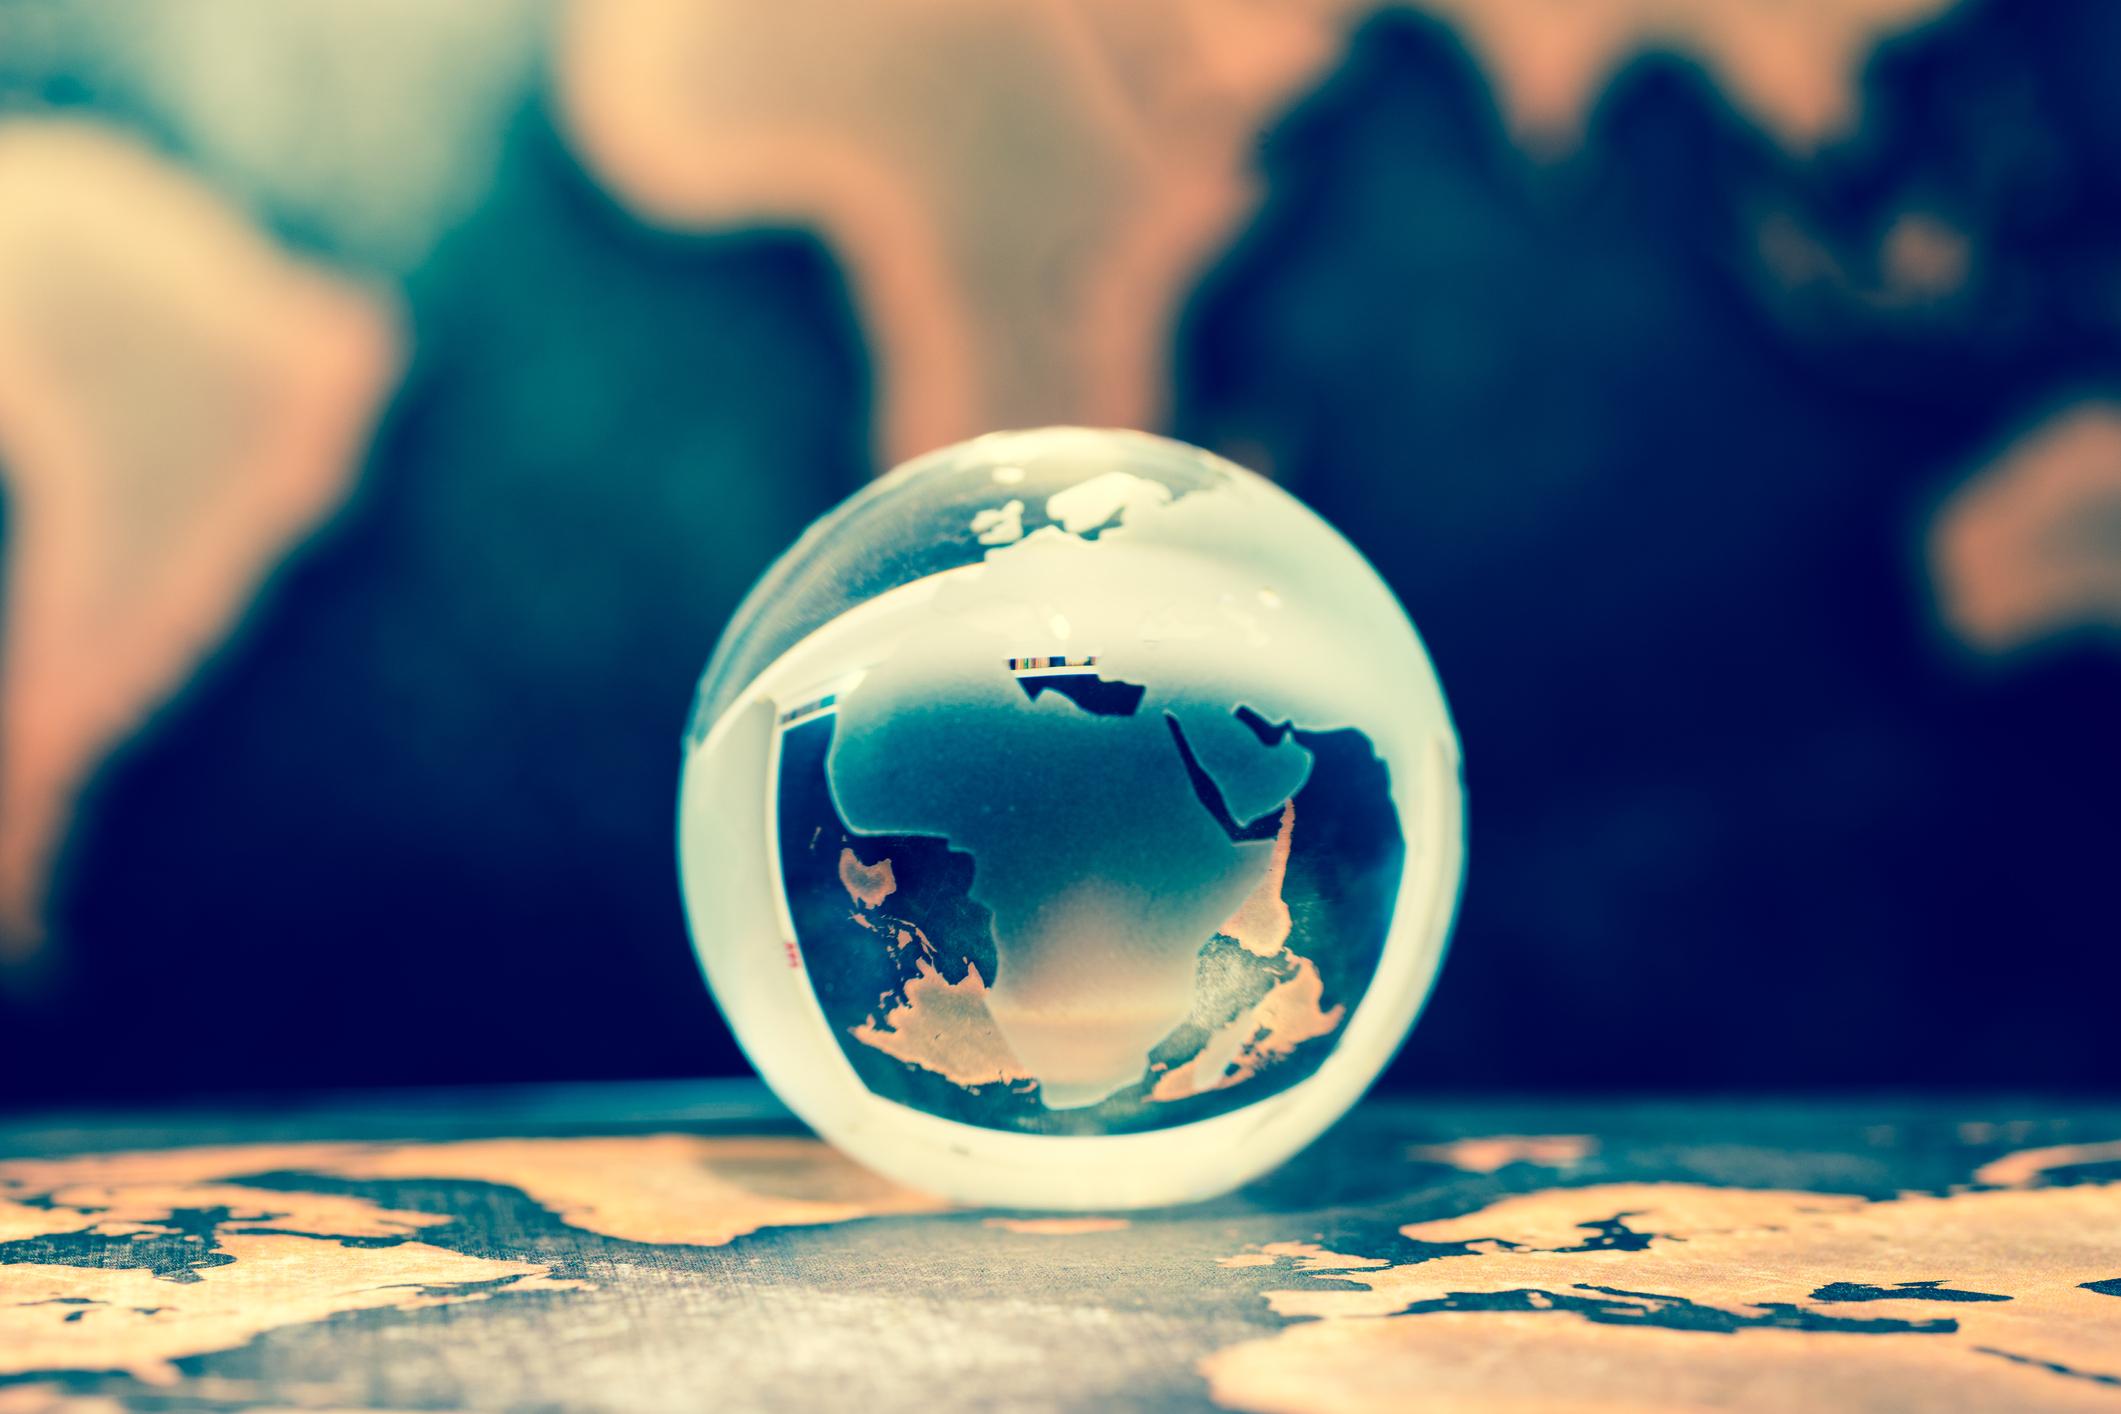 Fragmentierung der Welt